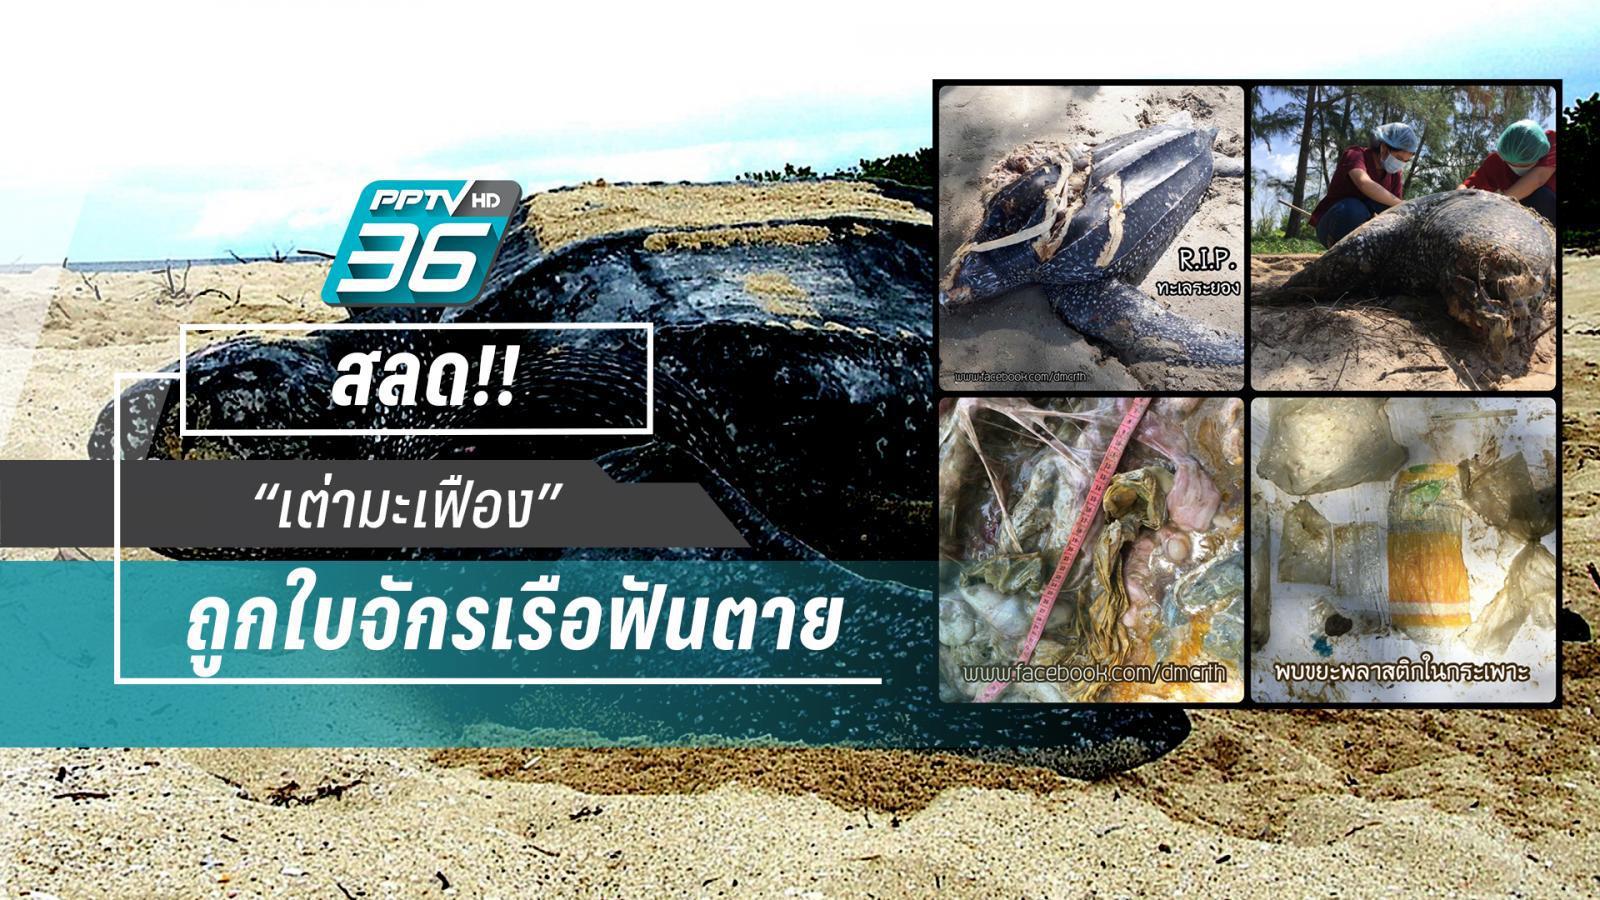 สลด! เต่ามะเฟืองถูกใบจักรเรือบาดตาย ซ้ำในกระเพาะพลาสติกเพียบ